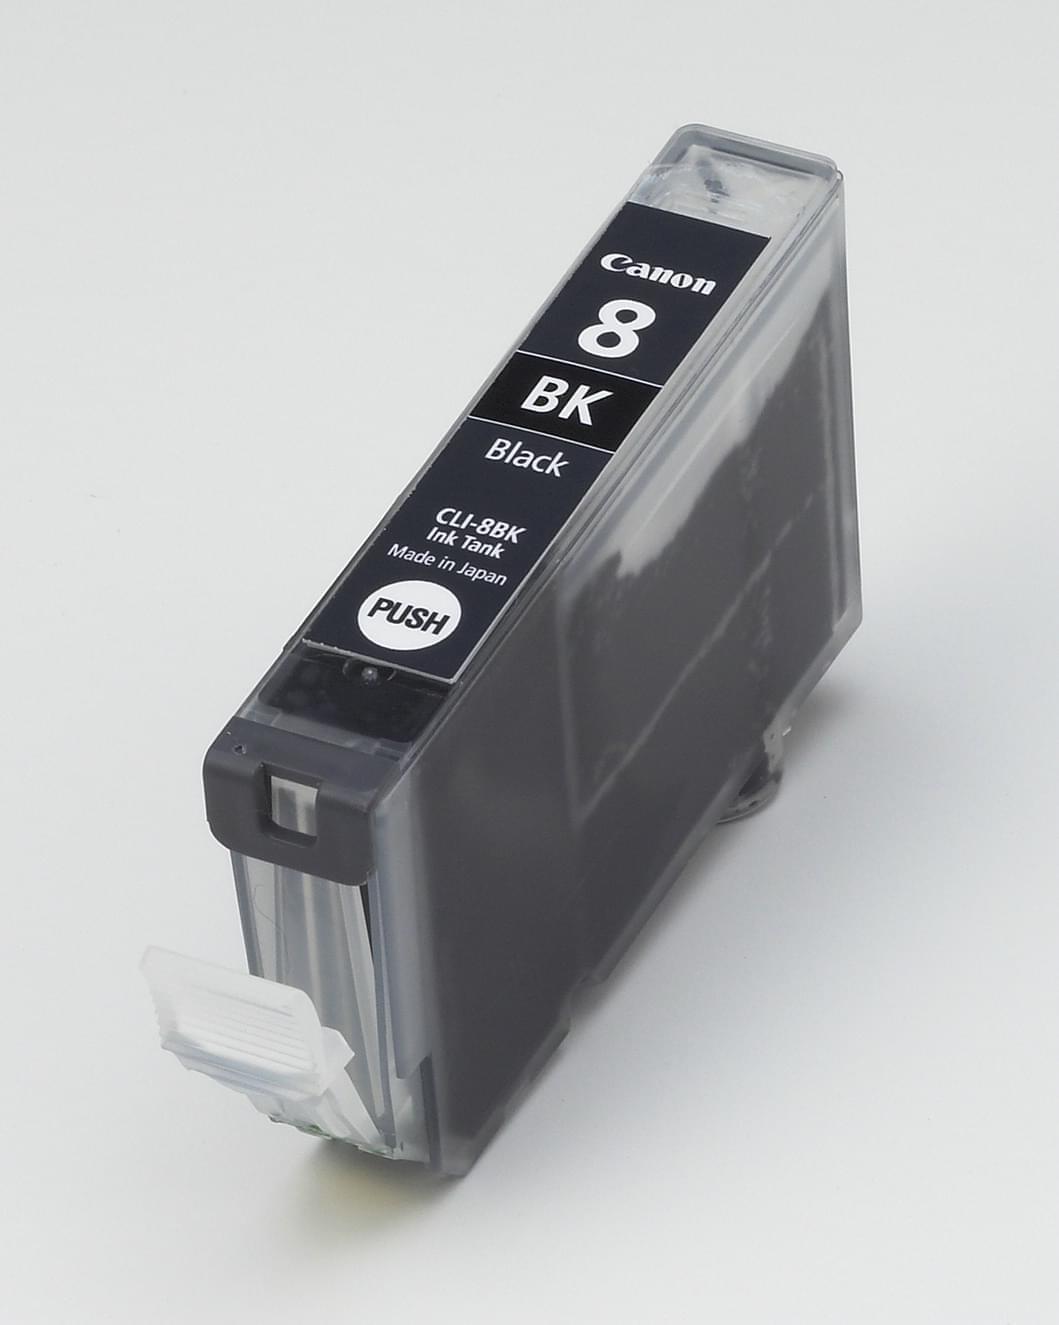 Cartouche CLI-8BK - 0620B001 pour imprimante Jet d'encre Canon - 0